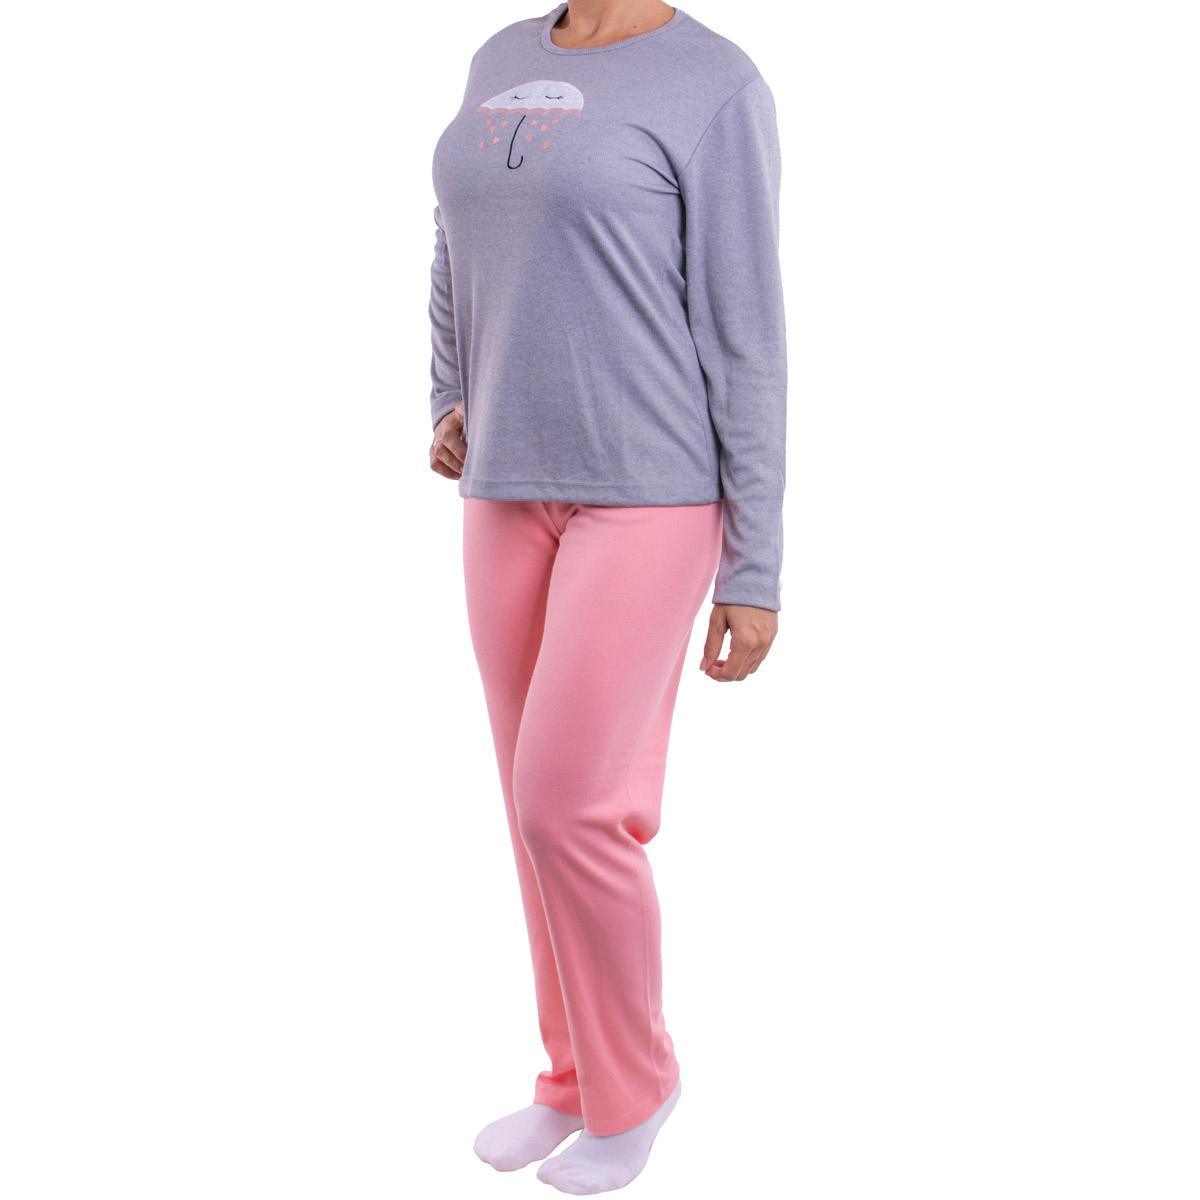 Pijama feminino para o inverno BORDADO Victory